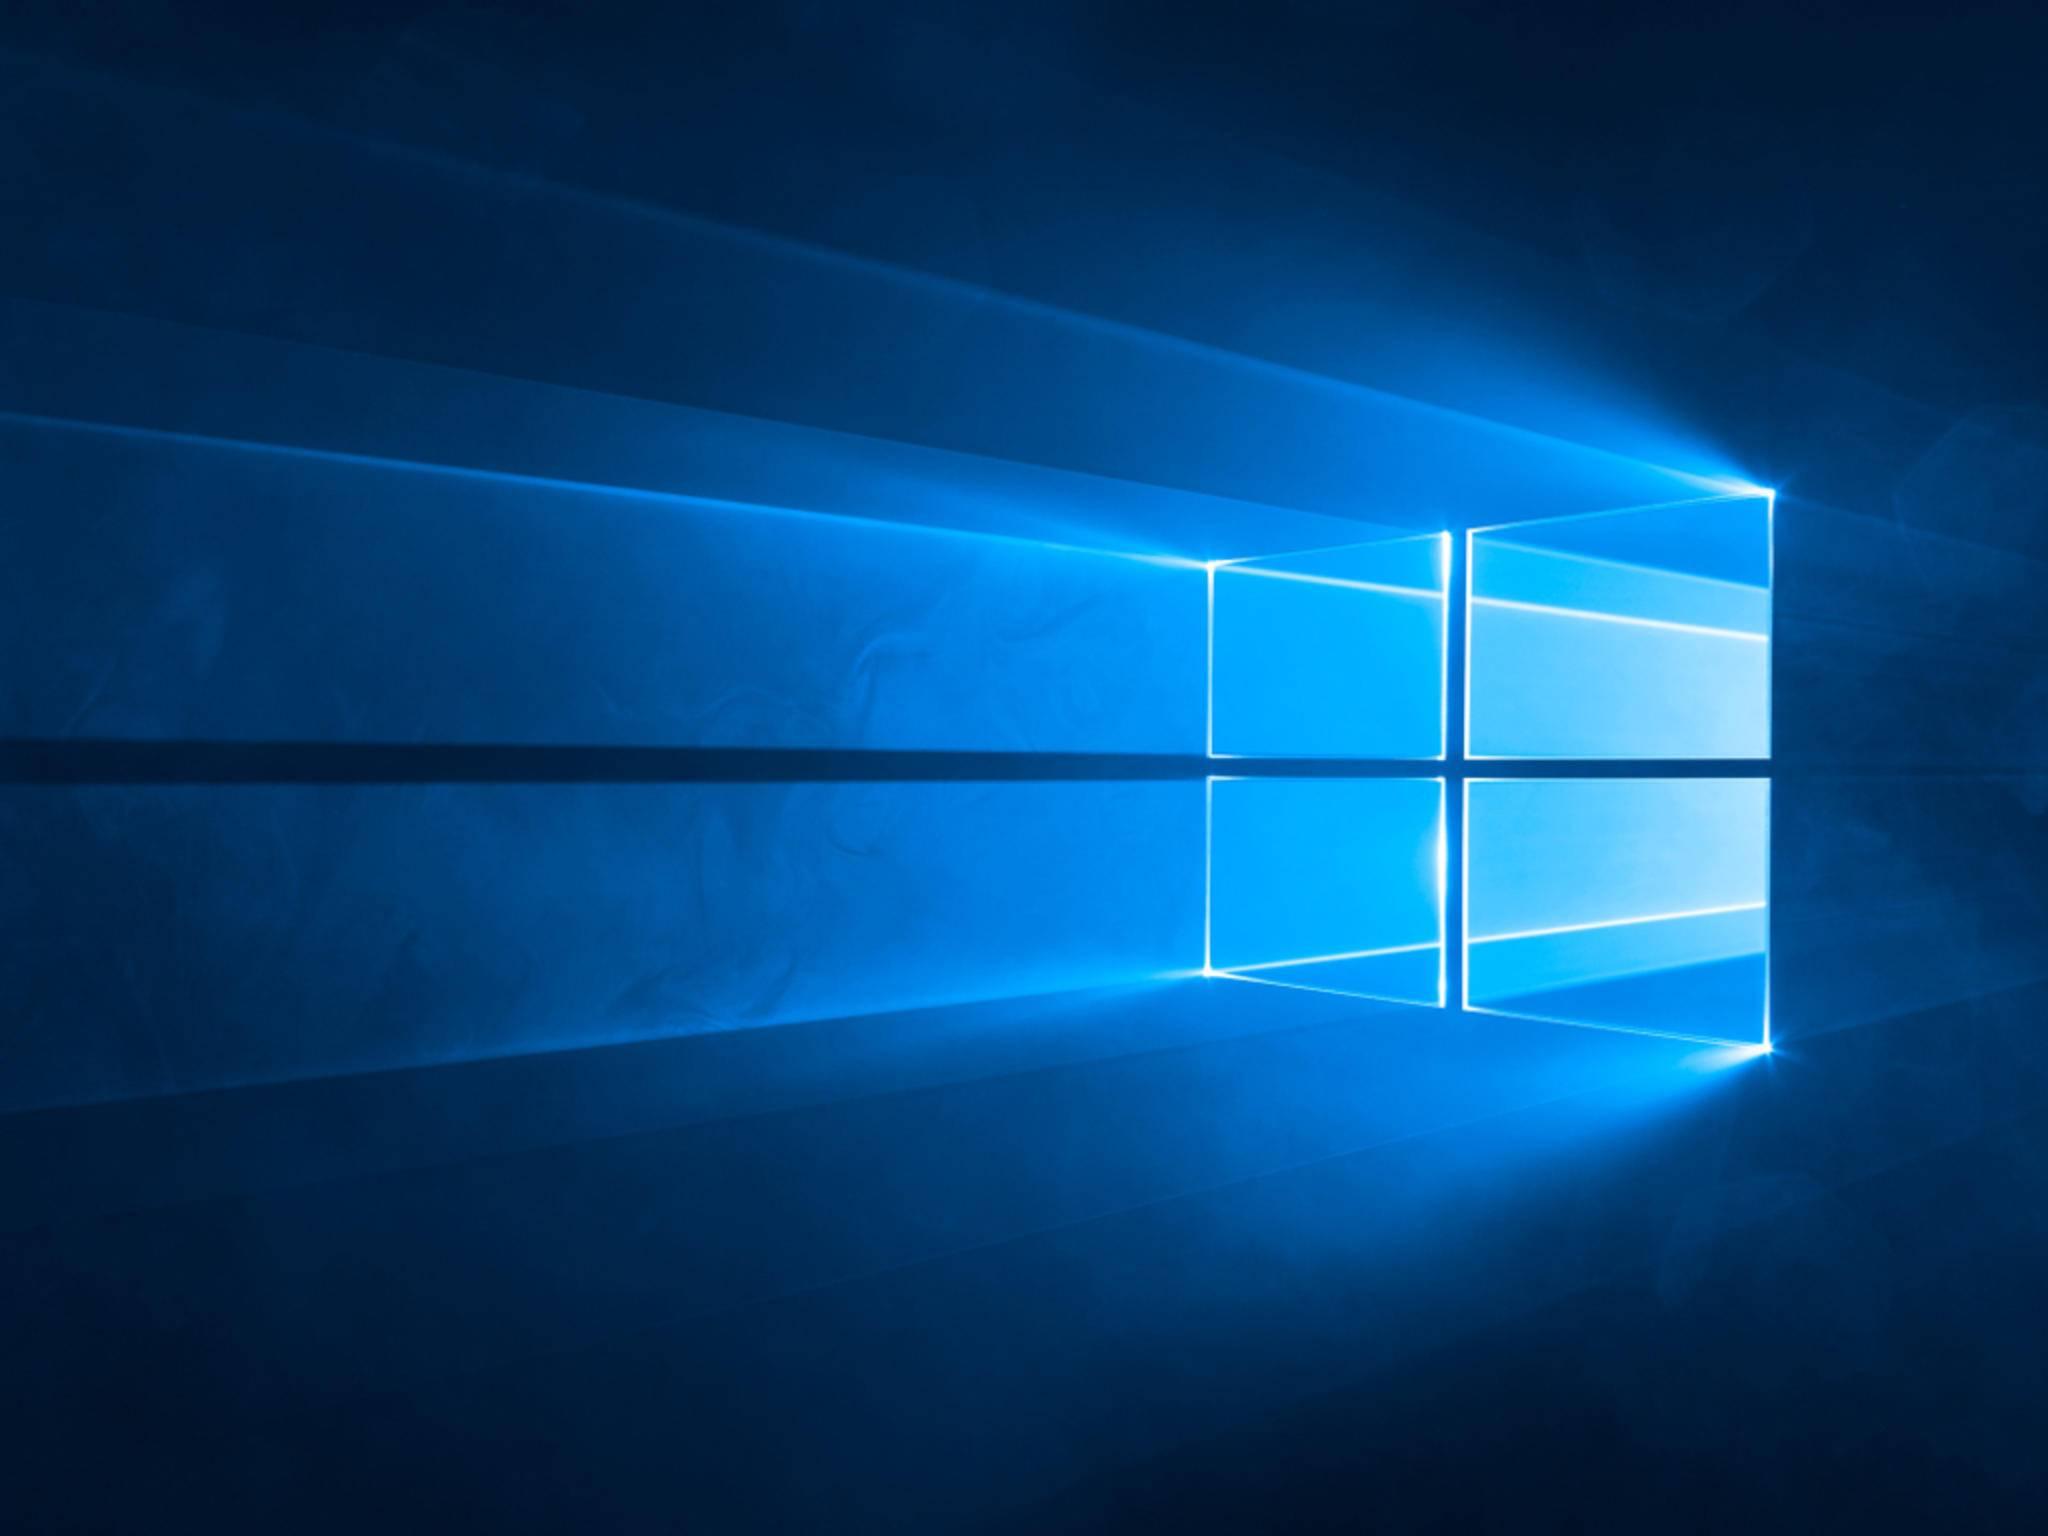 Microsoft spielt schon das dritte Update für Windows 10 aus.